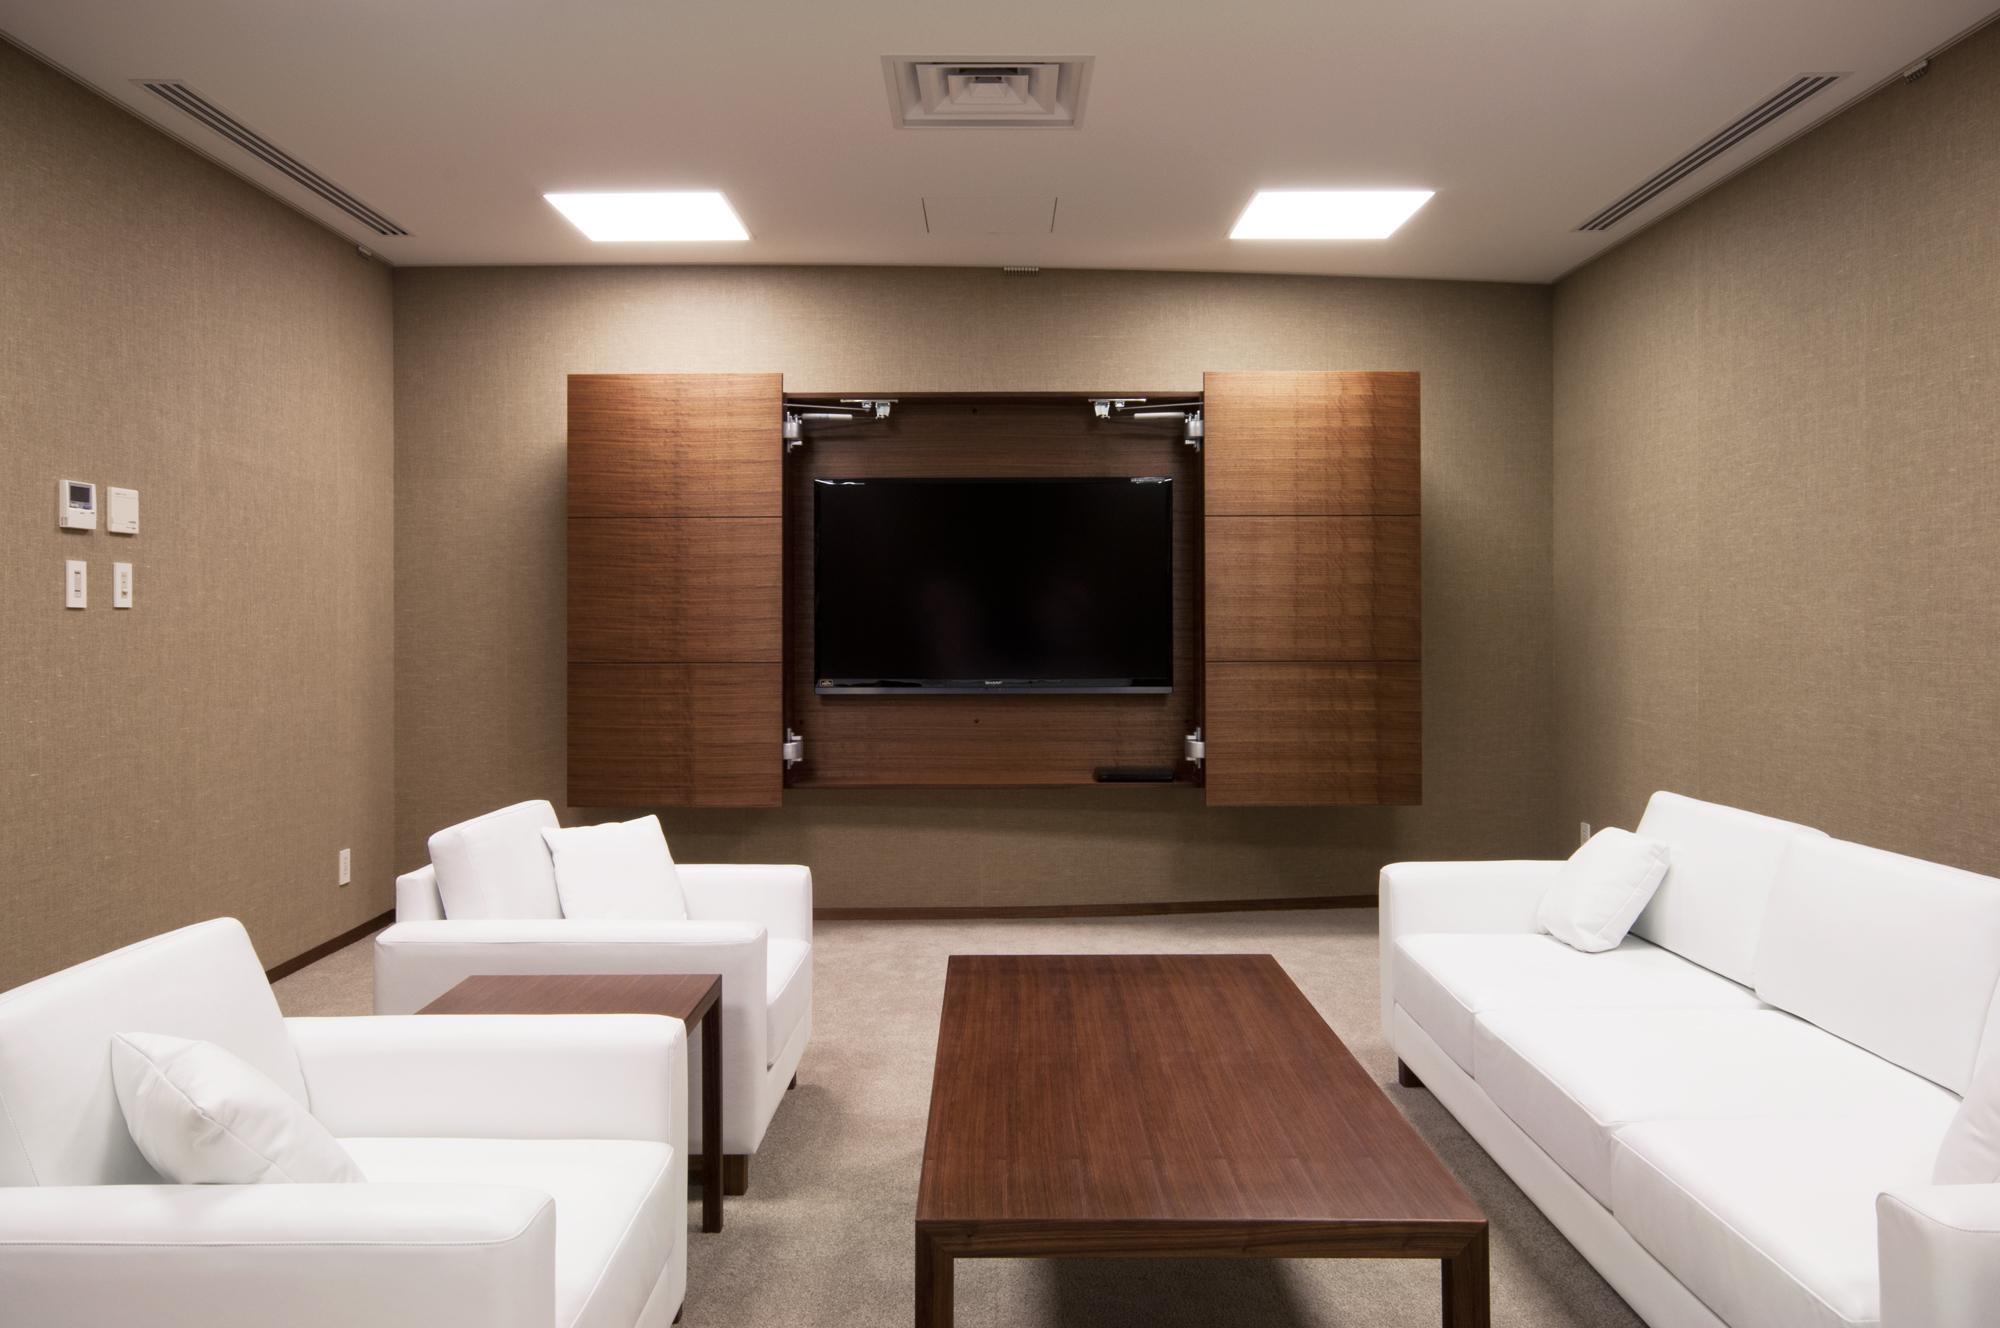 壁面 テレビキャビネット